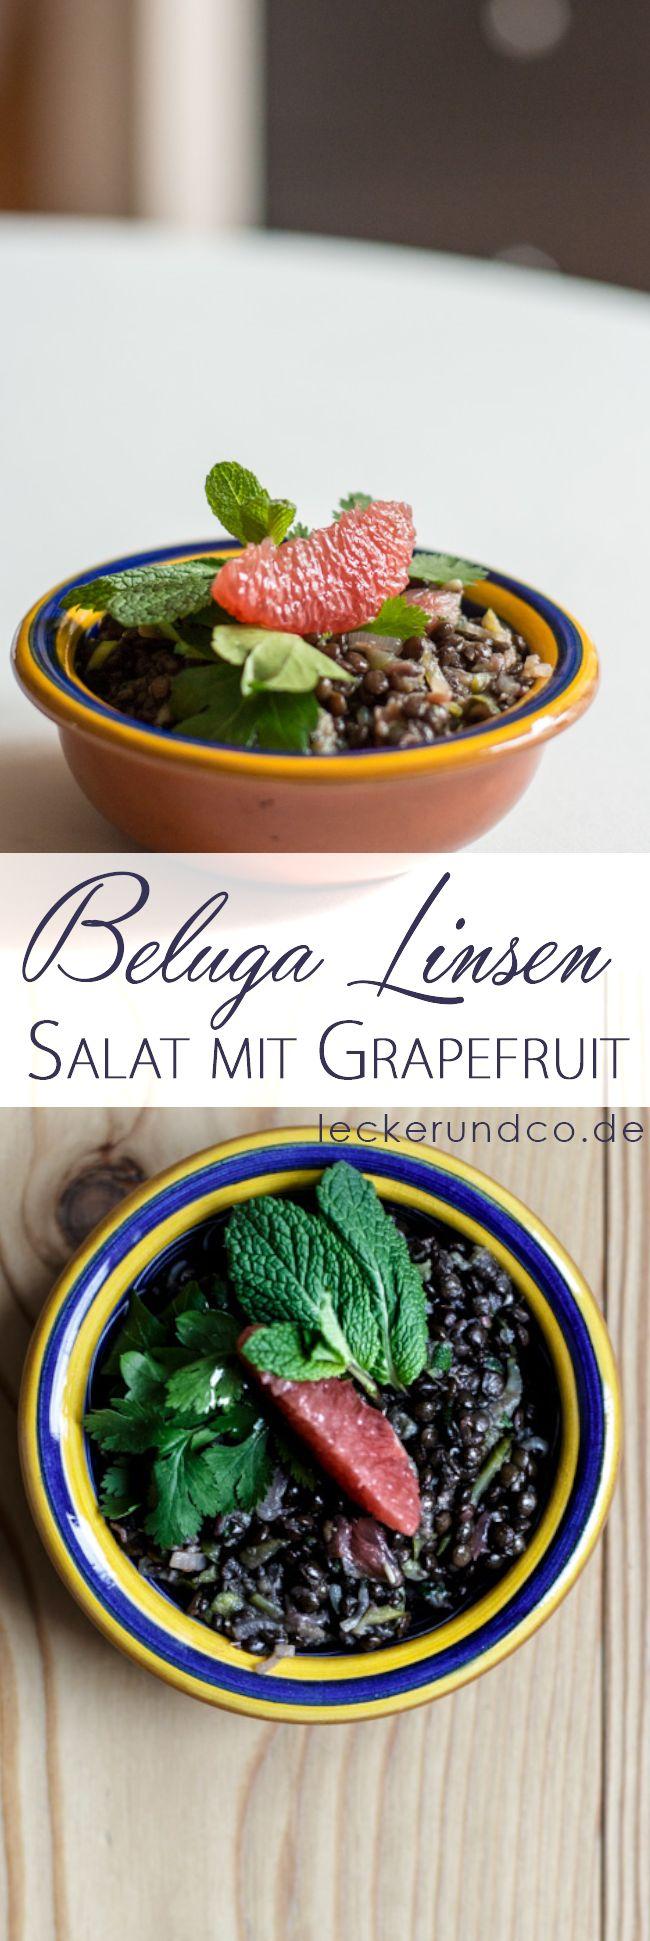 Beluga Linsen Salat mit Grapefruit und Koriander